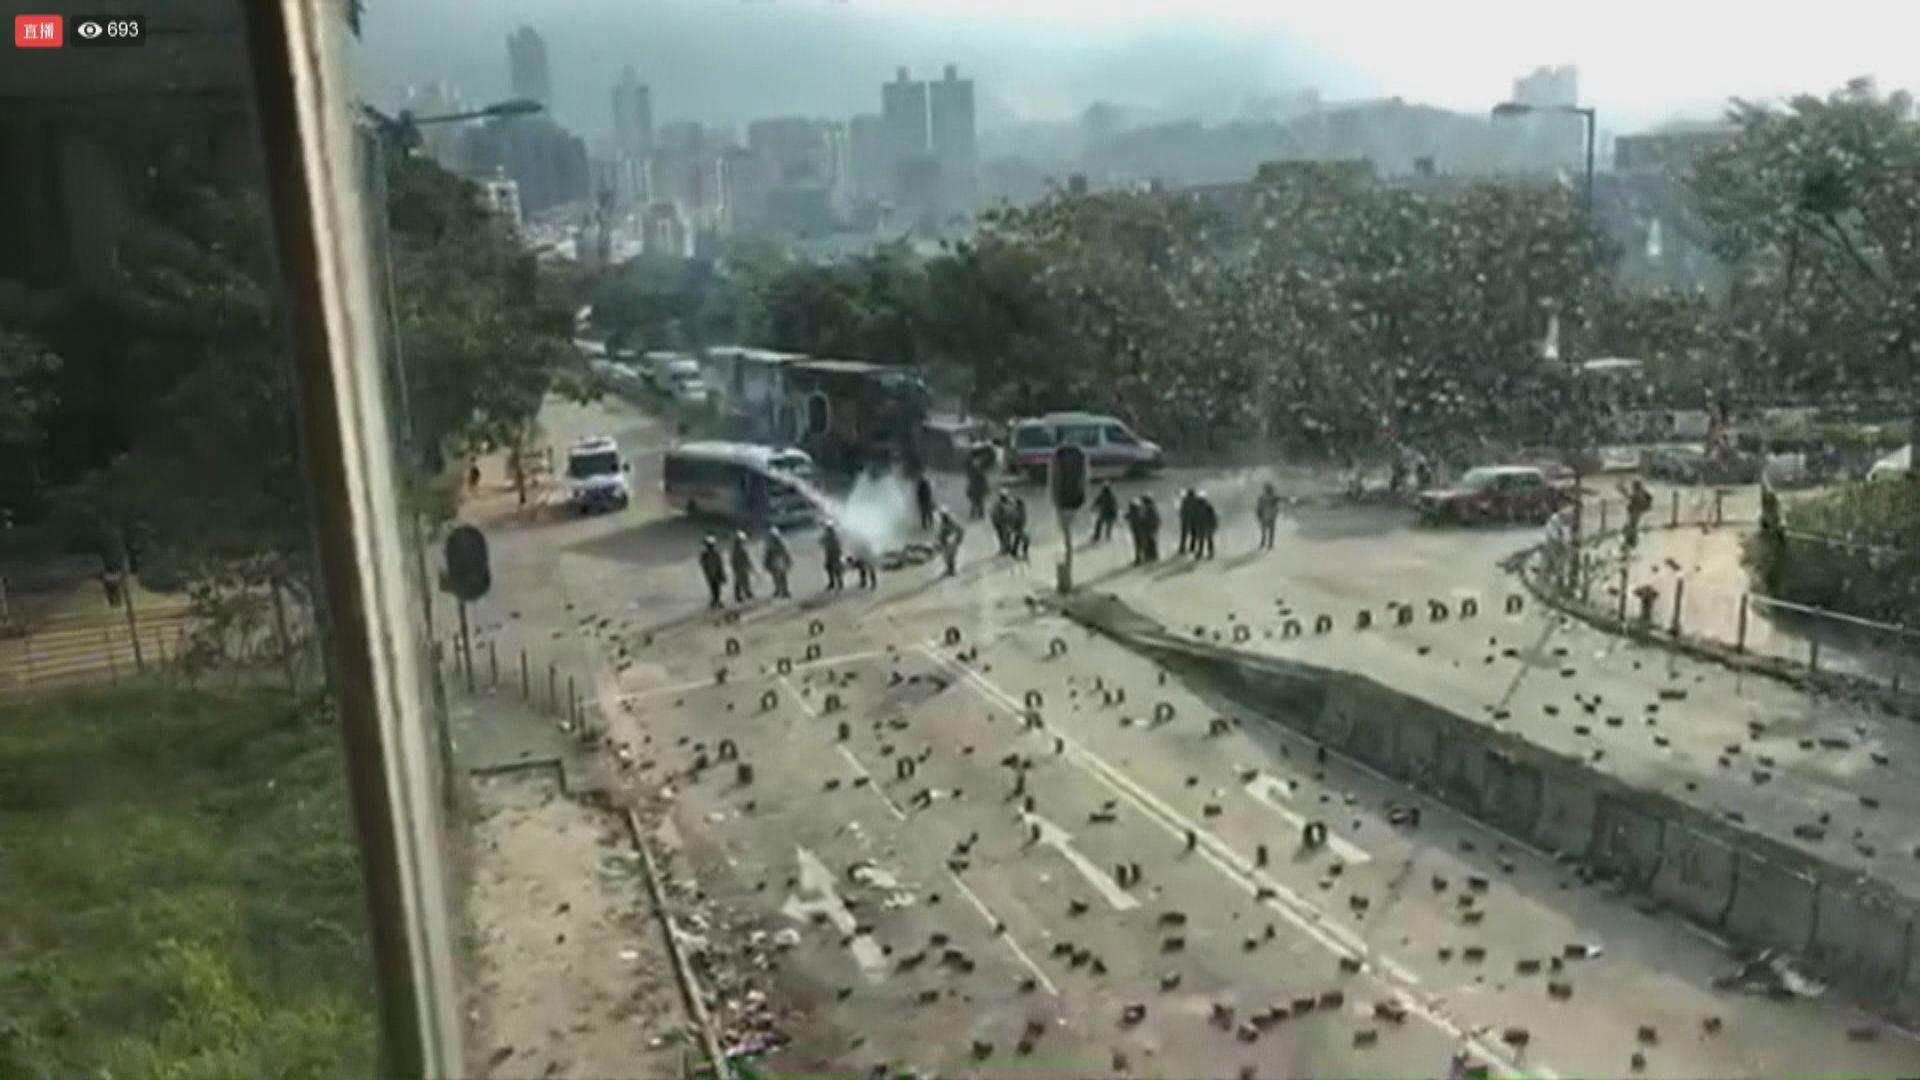 警方曾向城市大學範圍多次施放催淚彈